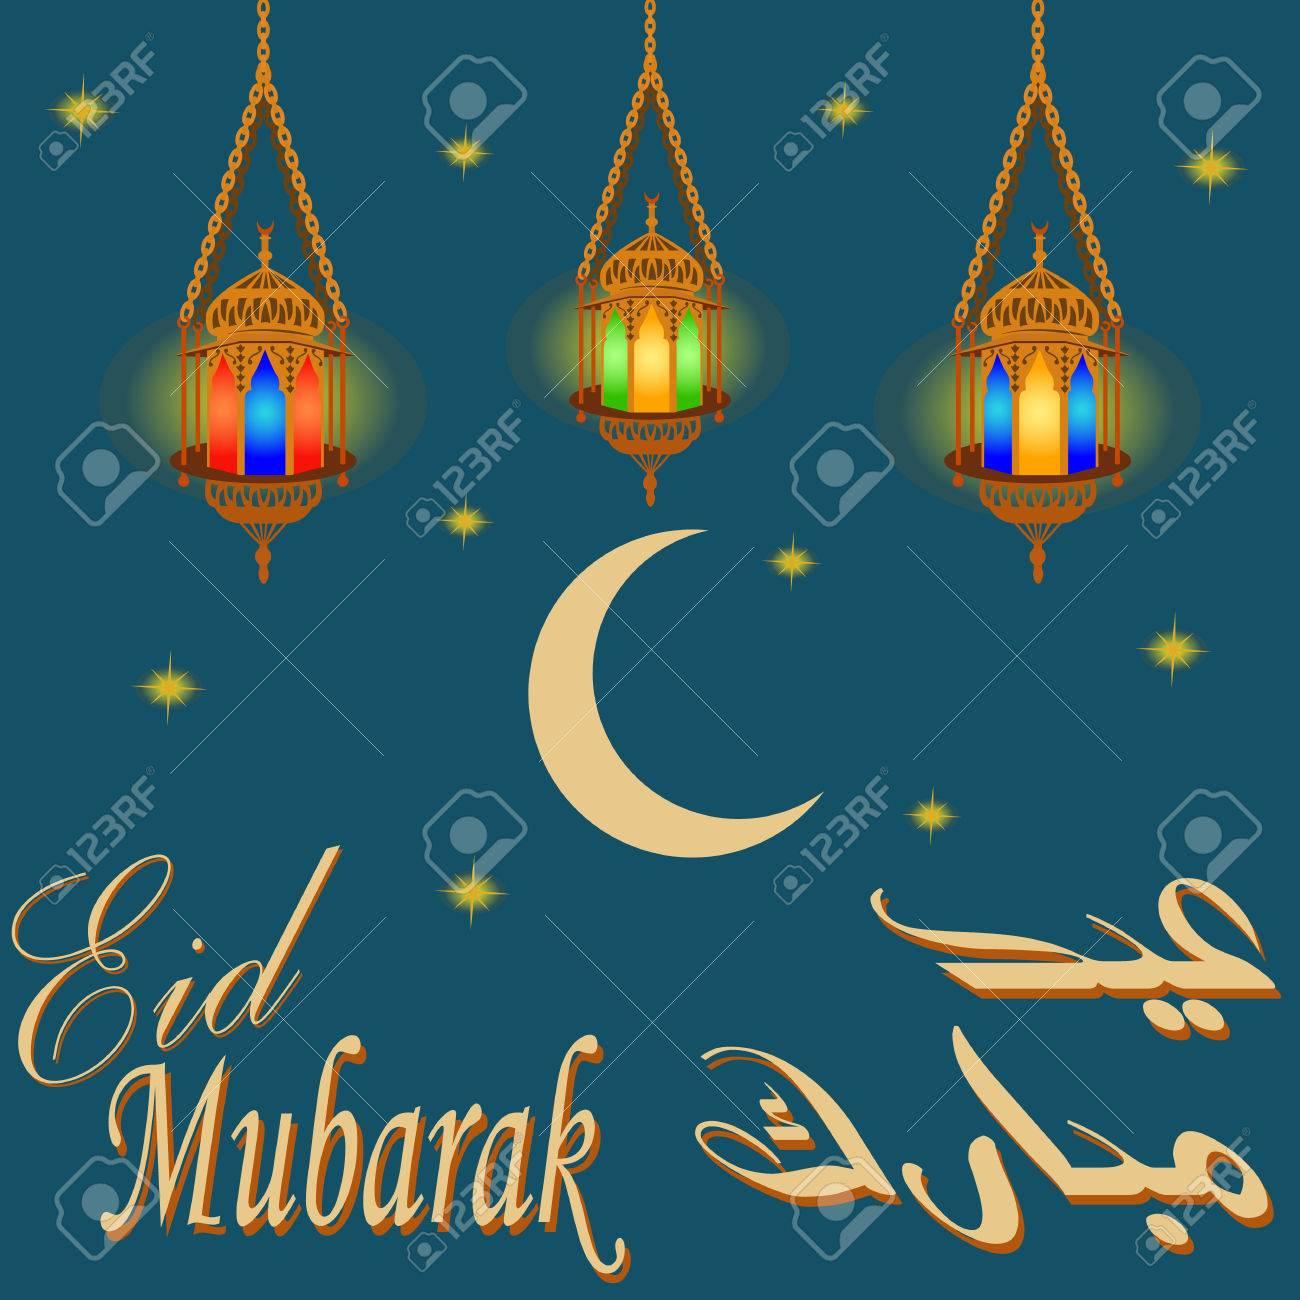 Eid Mubarak Mit Laternen In Englisch Und Arabisch Text Gruß Gesegnet ...